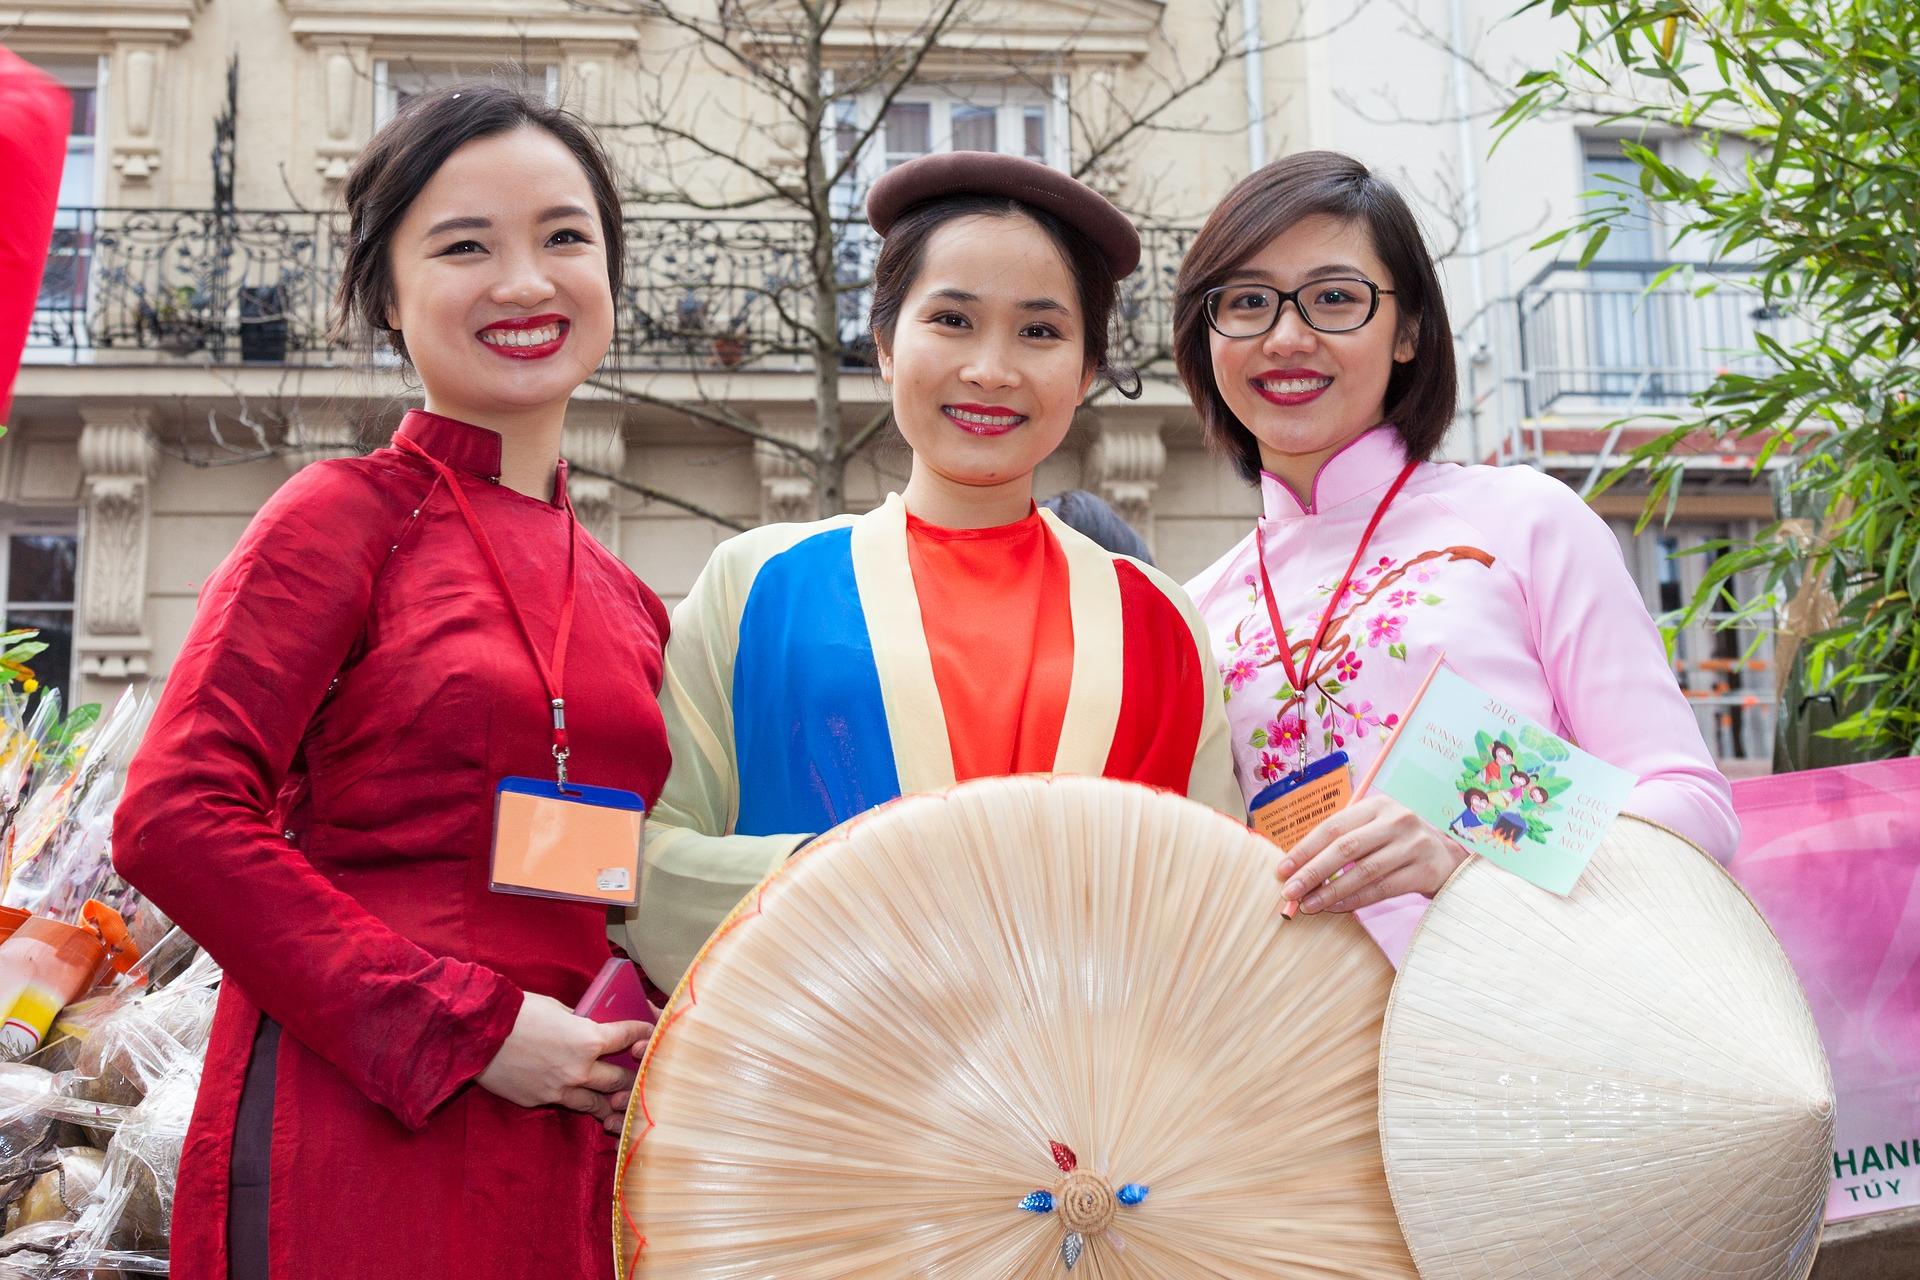 中国人の女の子たち